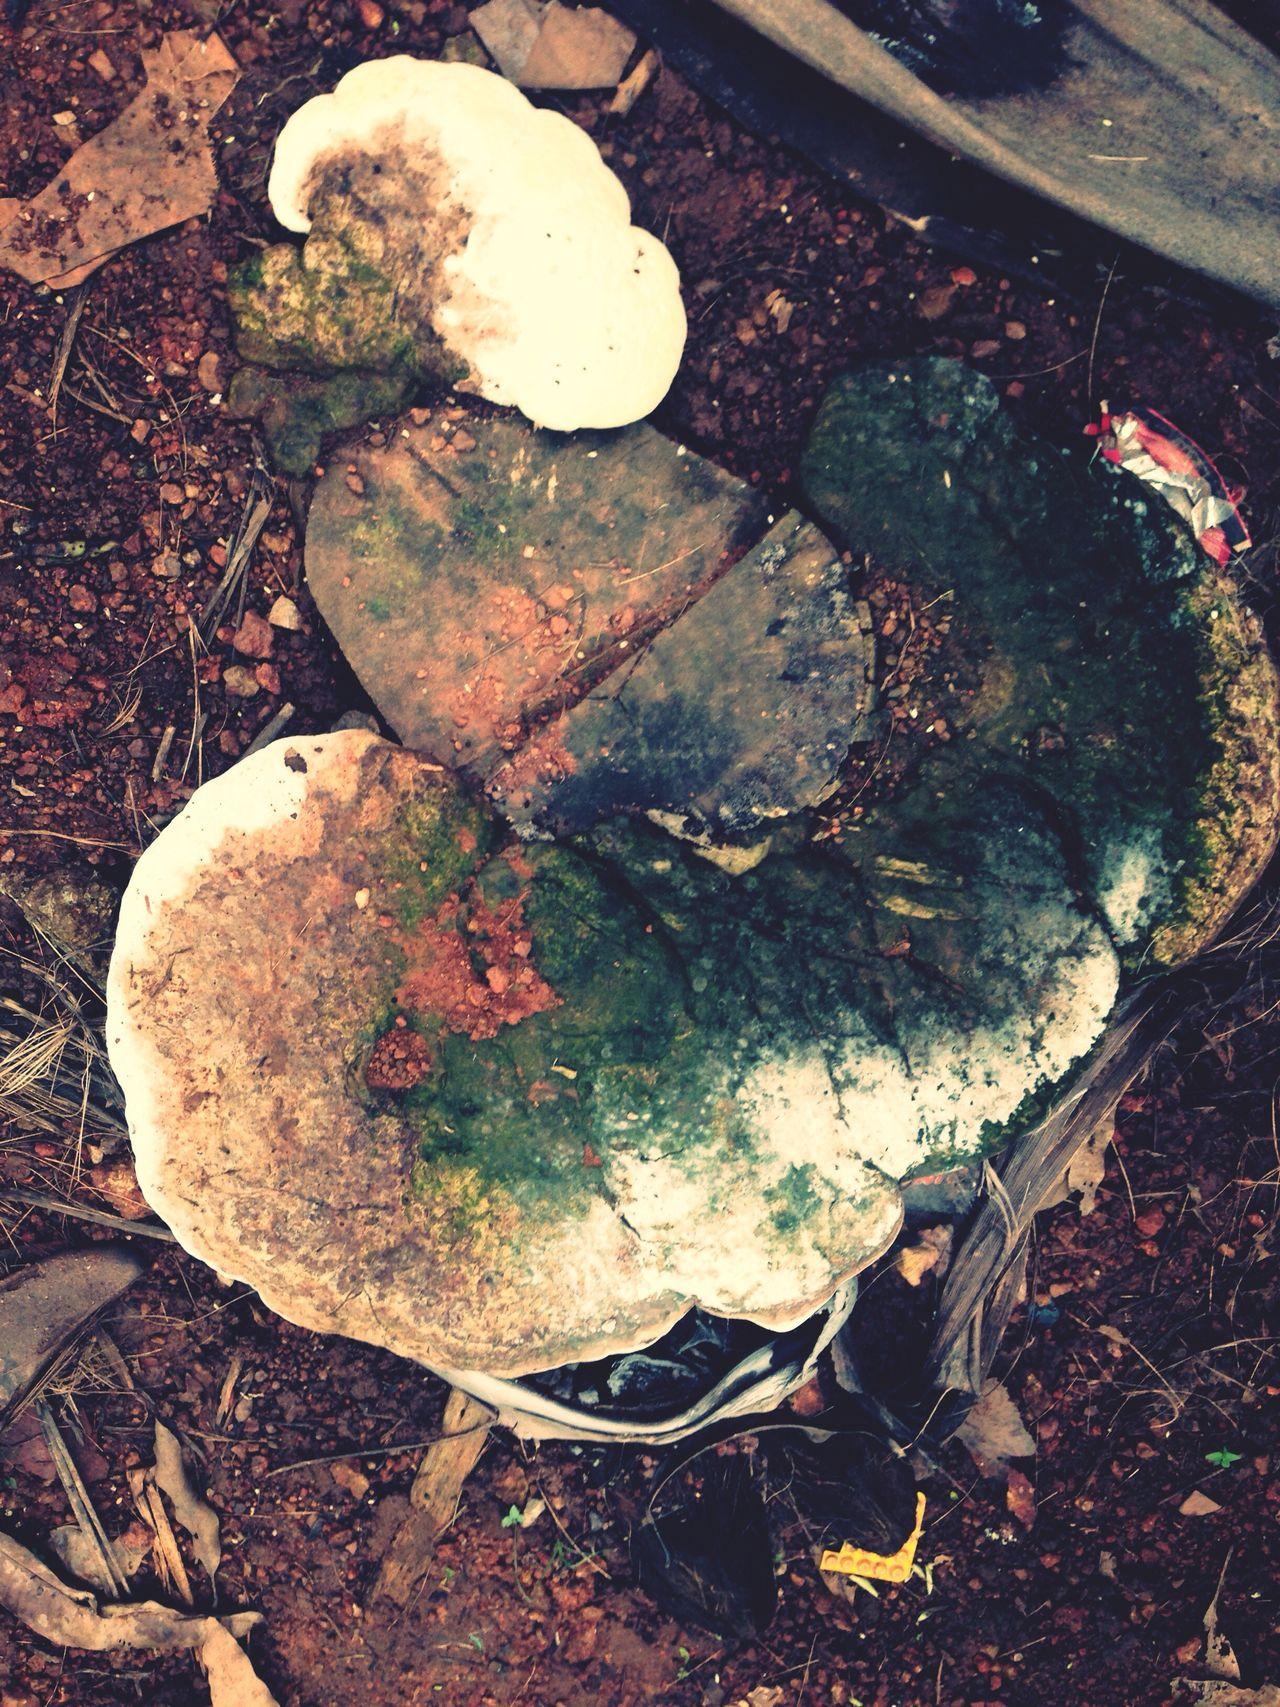 Fungal bloom Fungus Revival